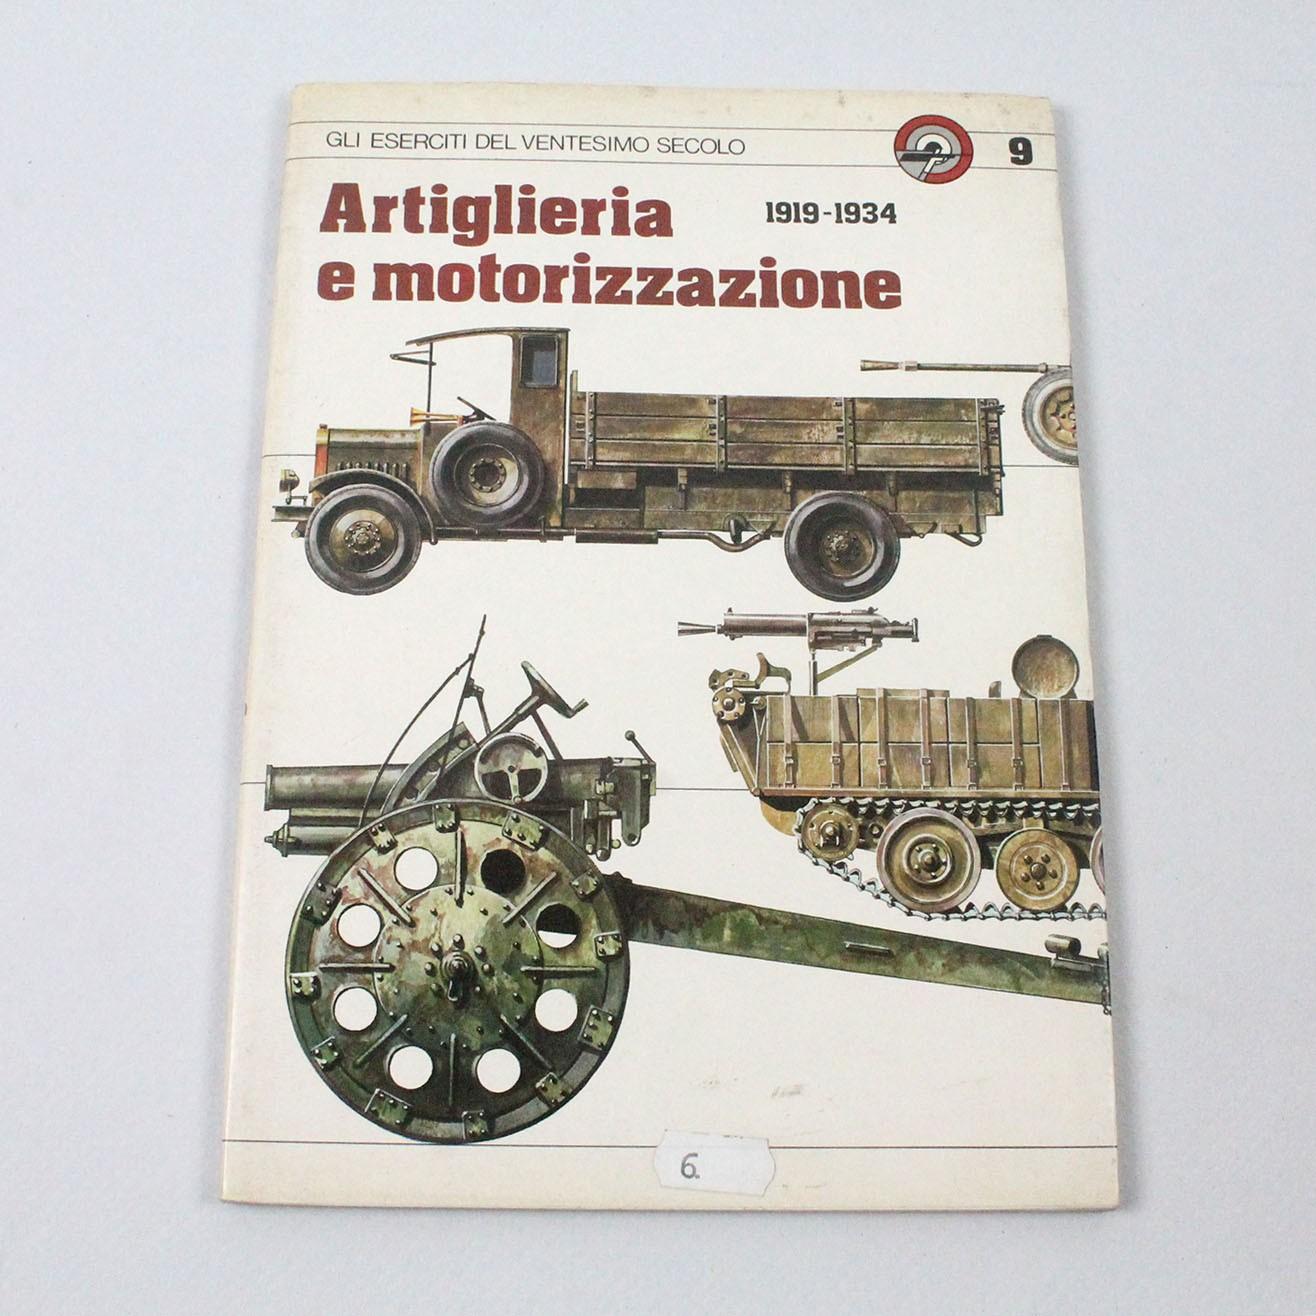 LIBIT-ARTIGLIERIA E MOTORIZZAZIONE 1919-1934